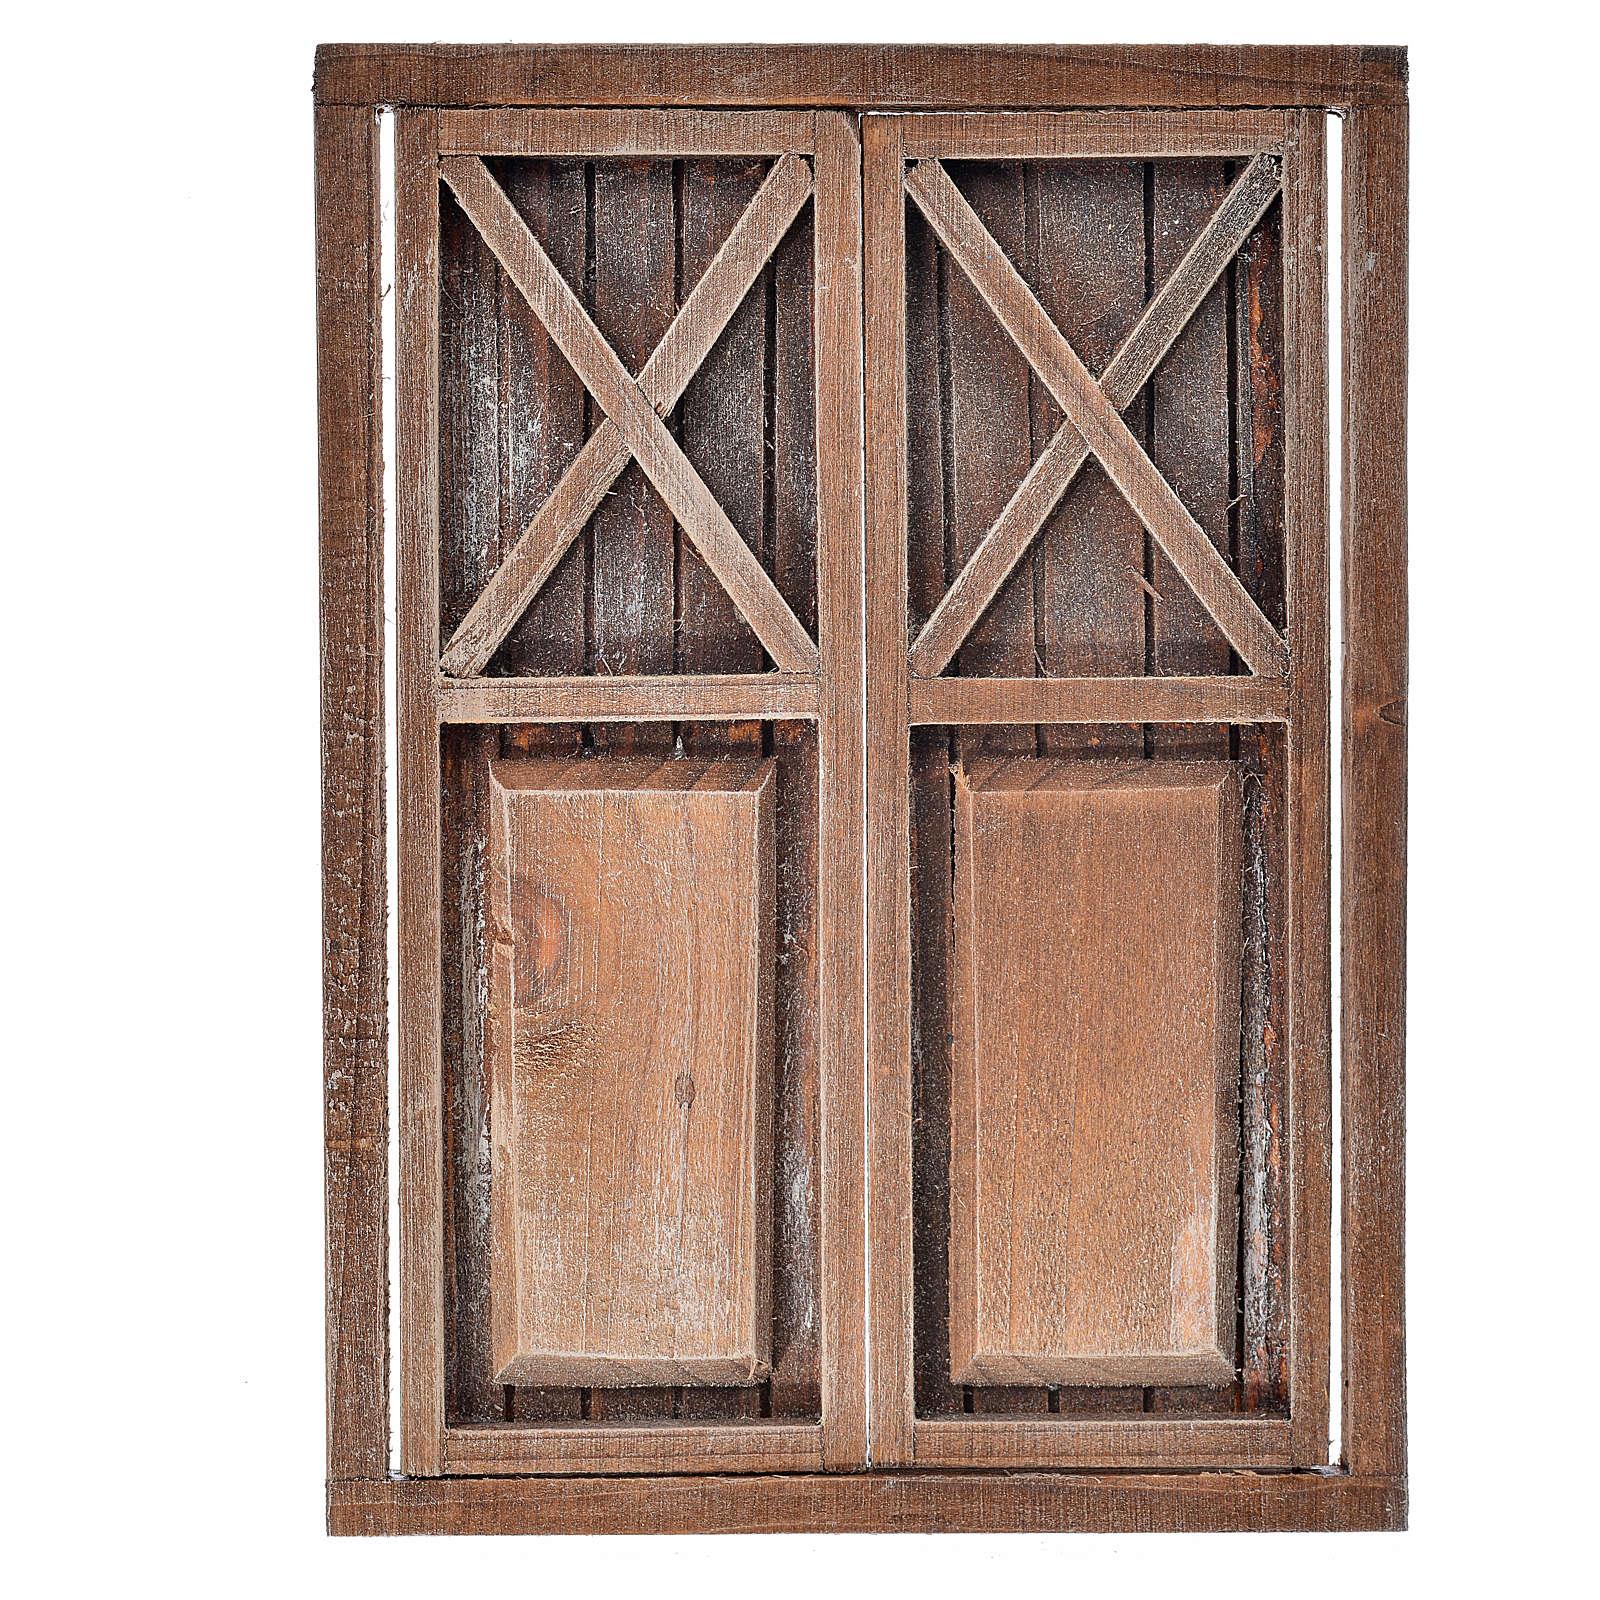 Nativity accessory, wooden double door, 17.5x12.5cm 4